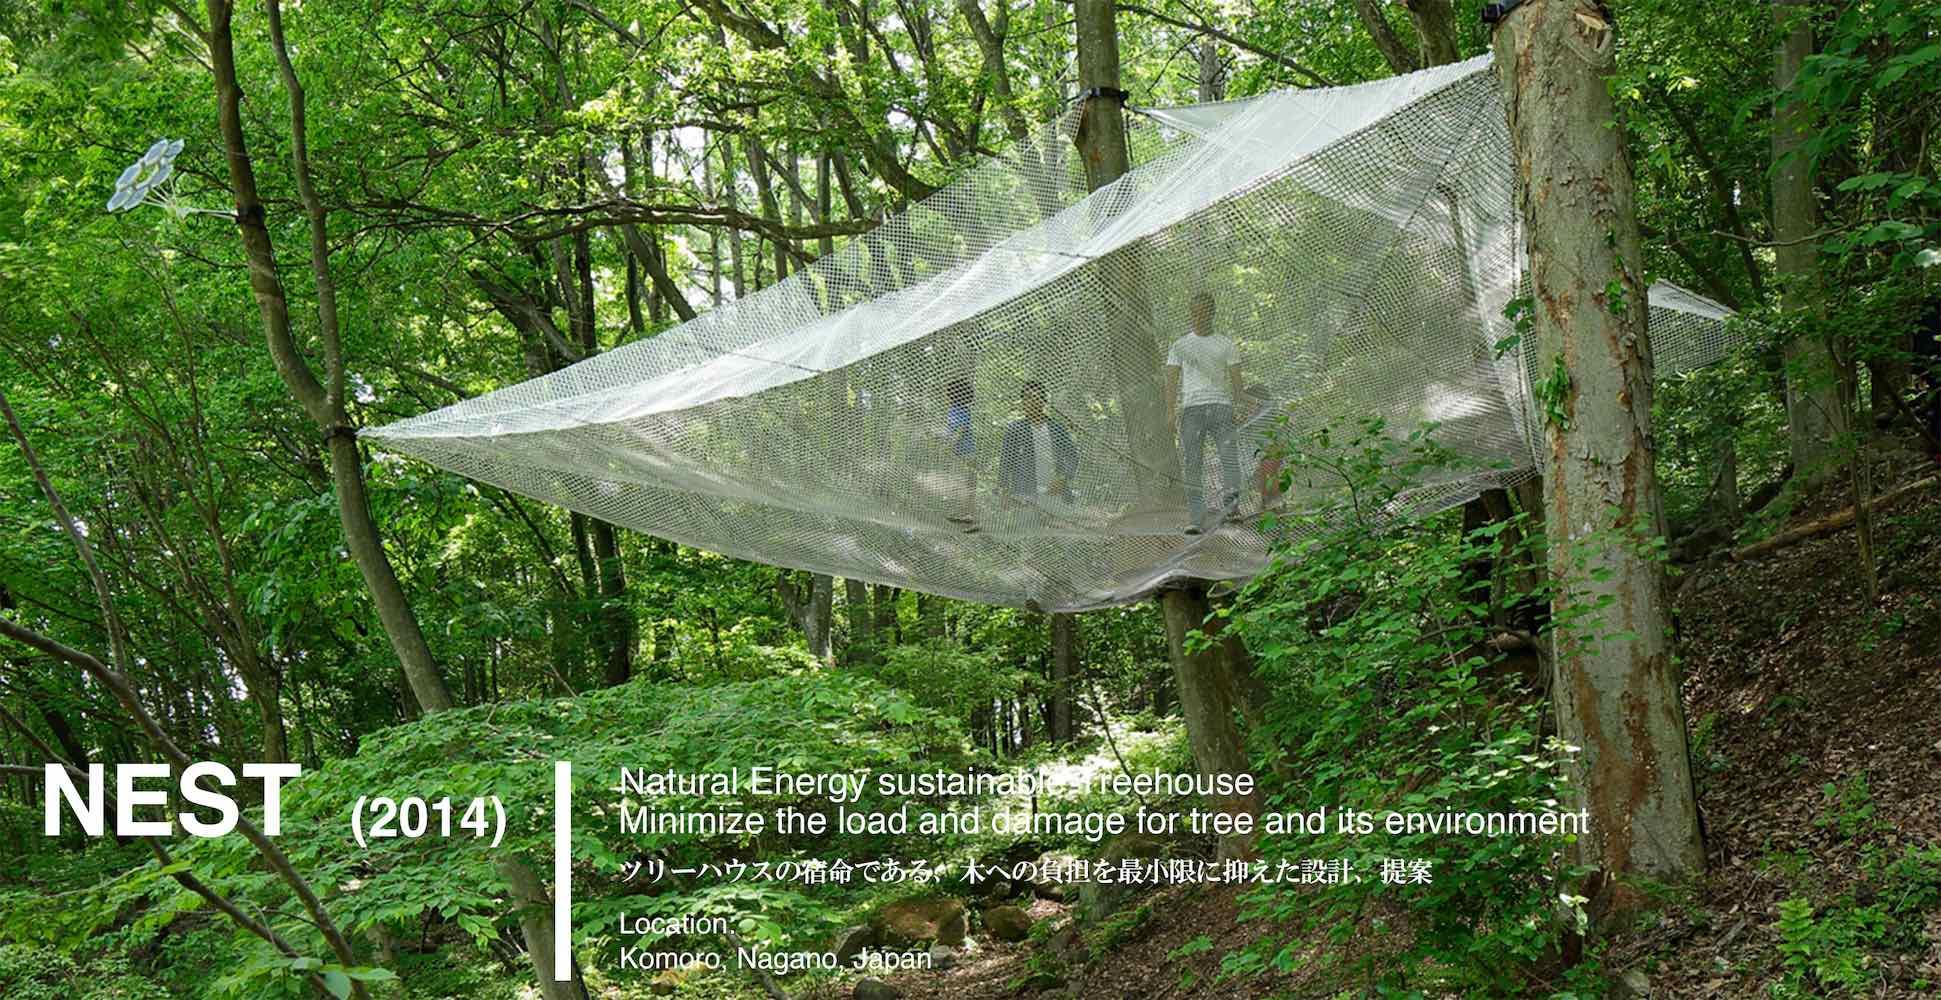 2014年の作品「NEST」   木への負担を最小限に抑えたツリーハウス